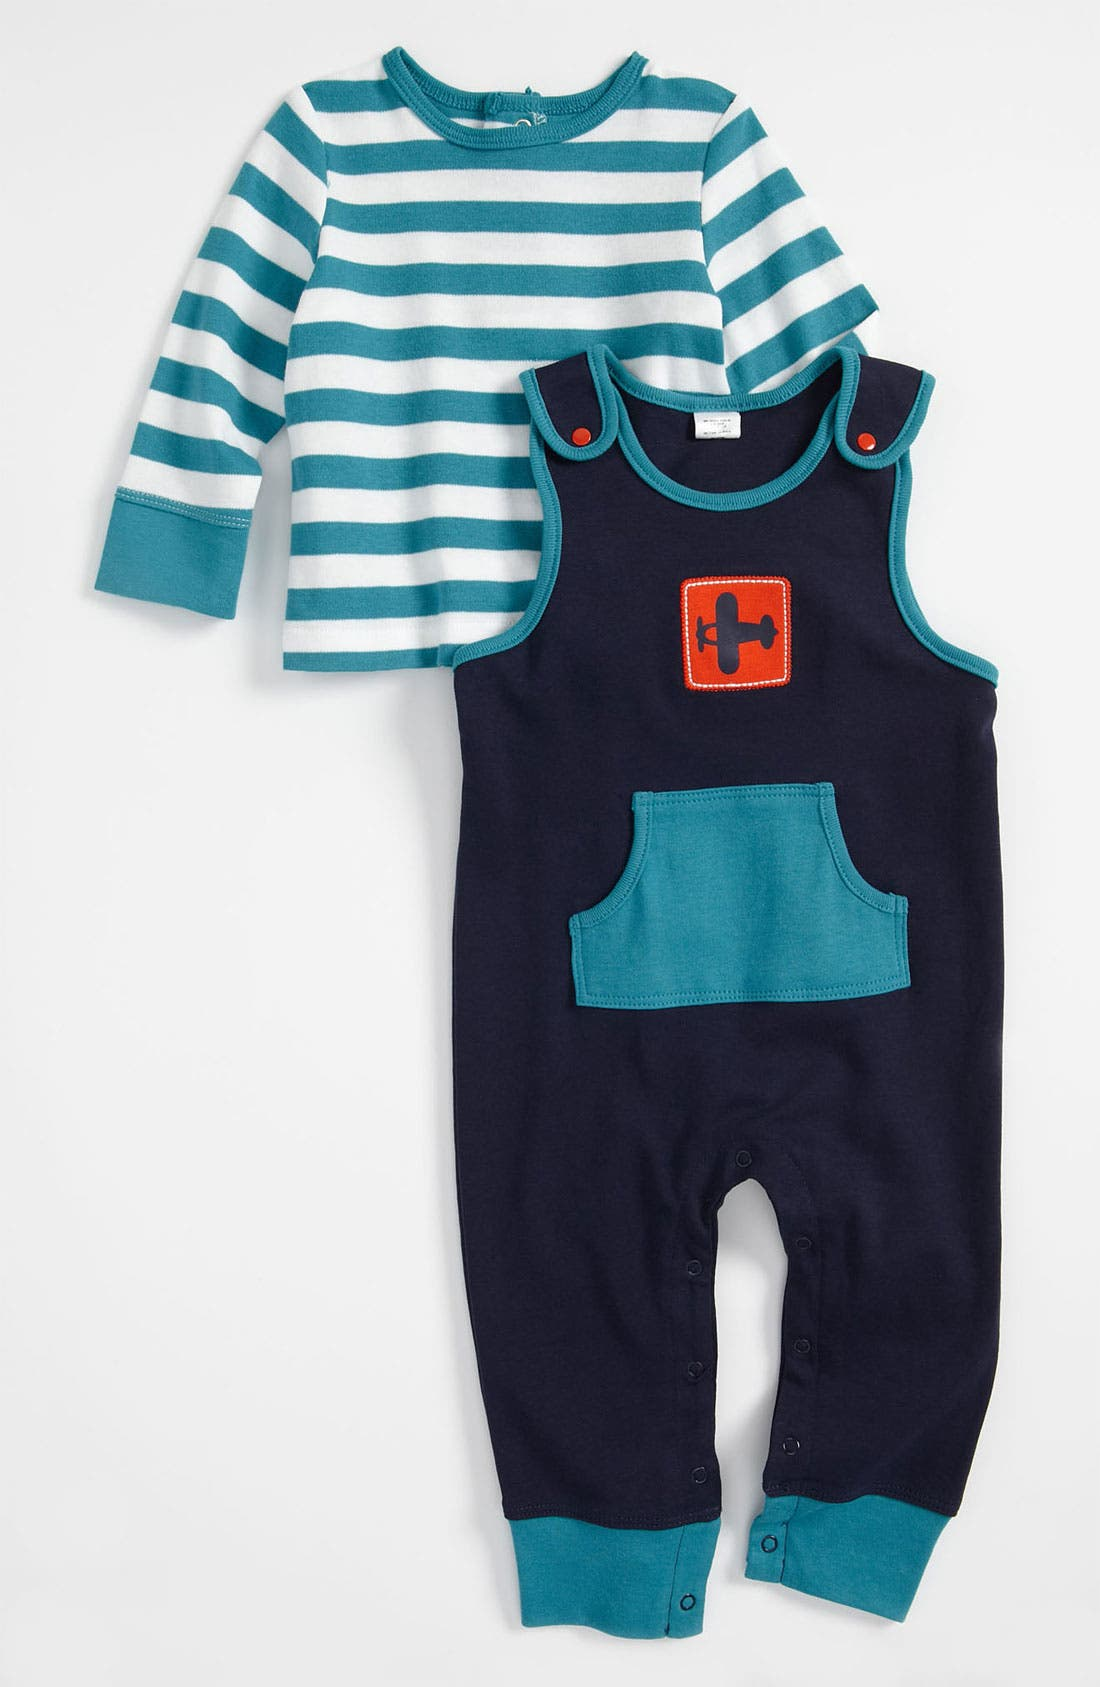 Alternate Image 1 Selected - Offspring Overalls & Shirt Set (Infant)